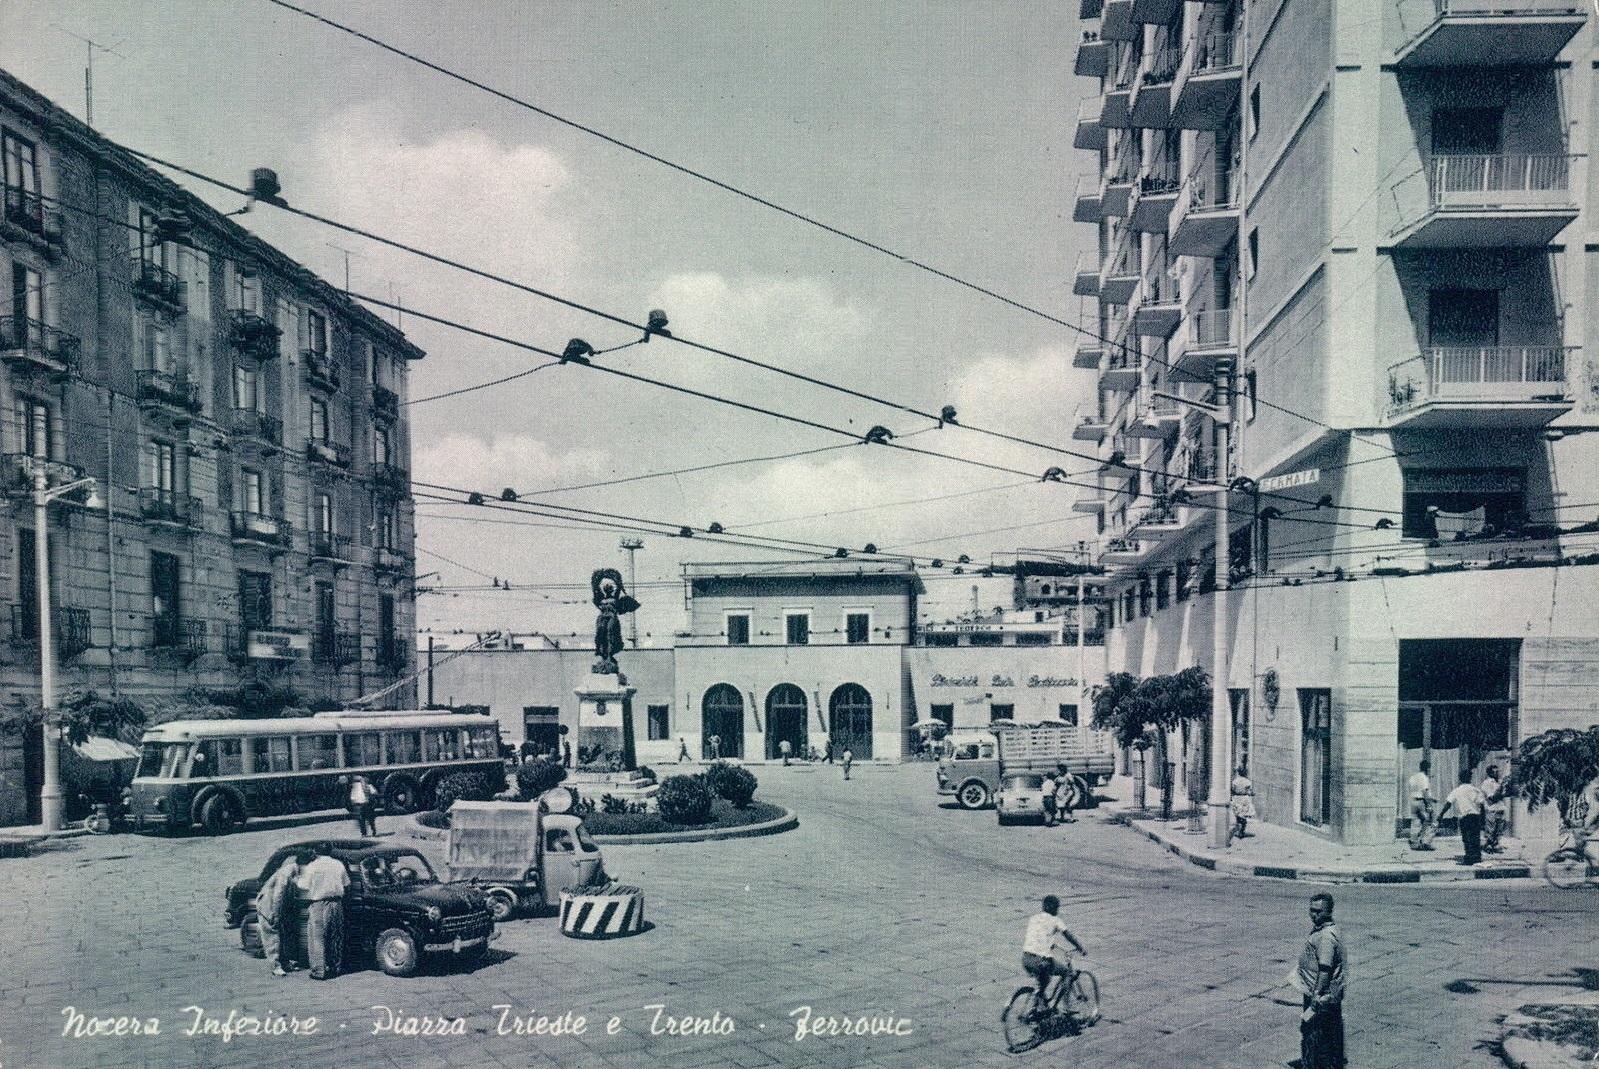 Nocera Inferiore (Sa), piazza Trieste e Trento, con filobus